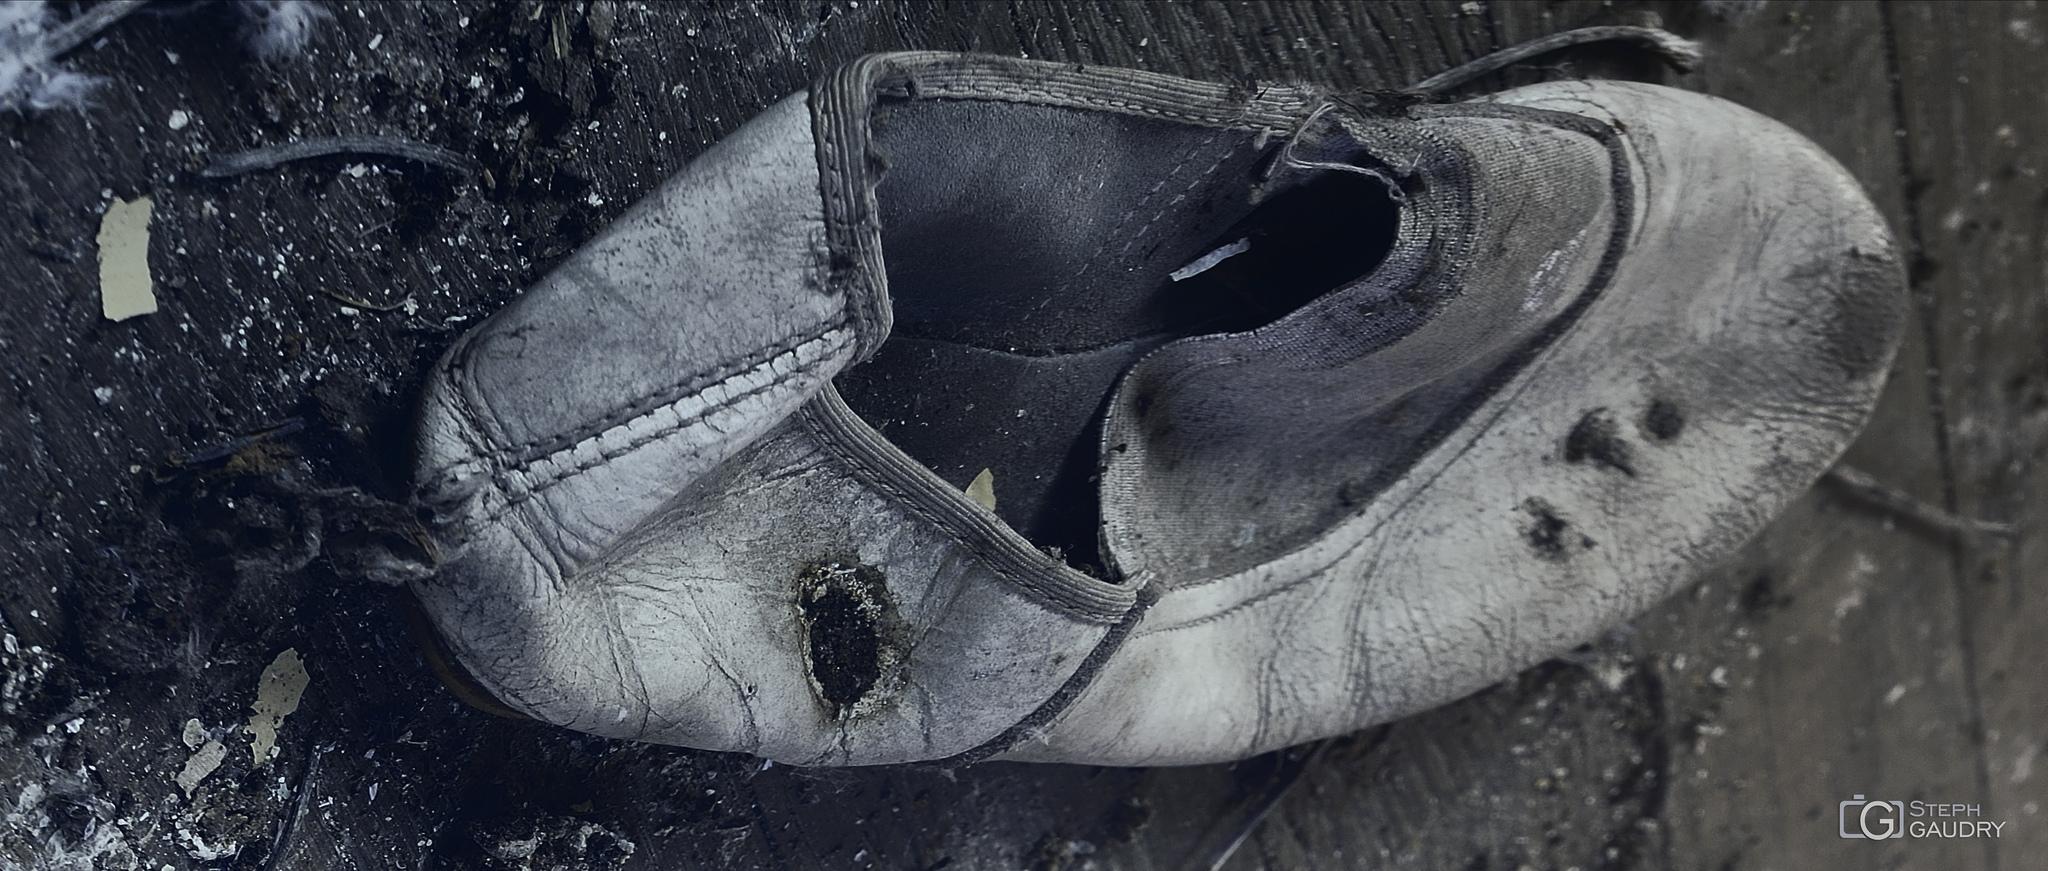 Balet du lac des cygnes, ou le chant du cygne? [Click to start slideshow]